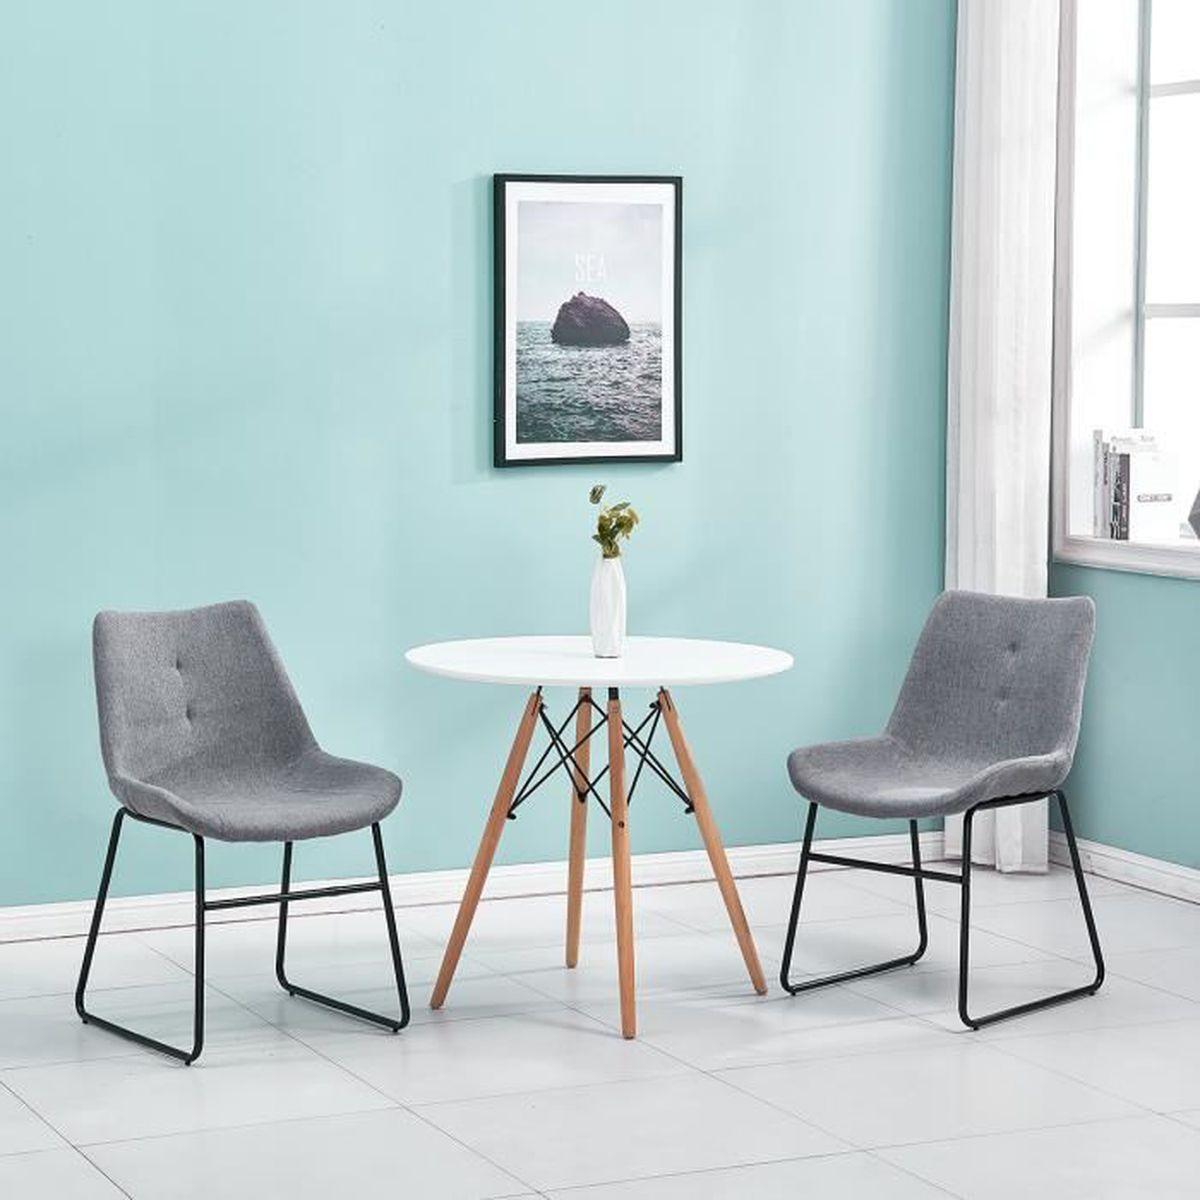 Salle A Manger Retro lot de 2 chaises gris de salon salle à manger style vintage